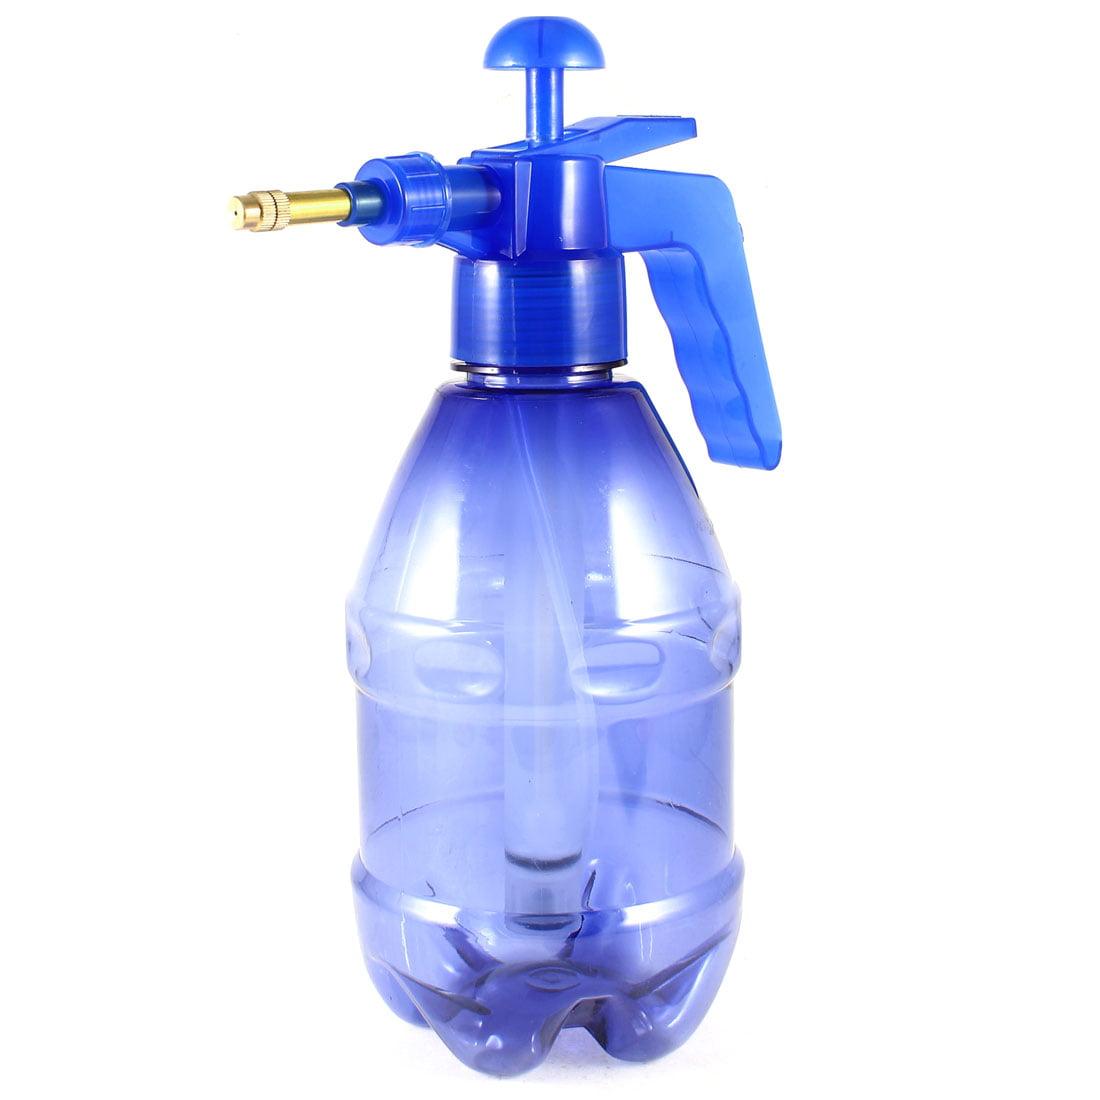 Unique Bargains Brass Nozzle 1.2L 1200ml Capacity Garden Chemical Spray Bottle Clear Blue